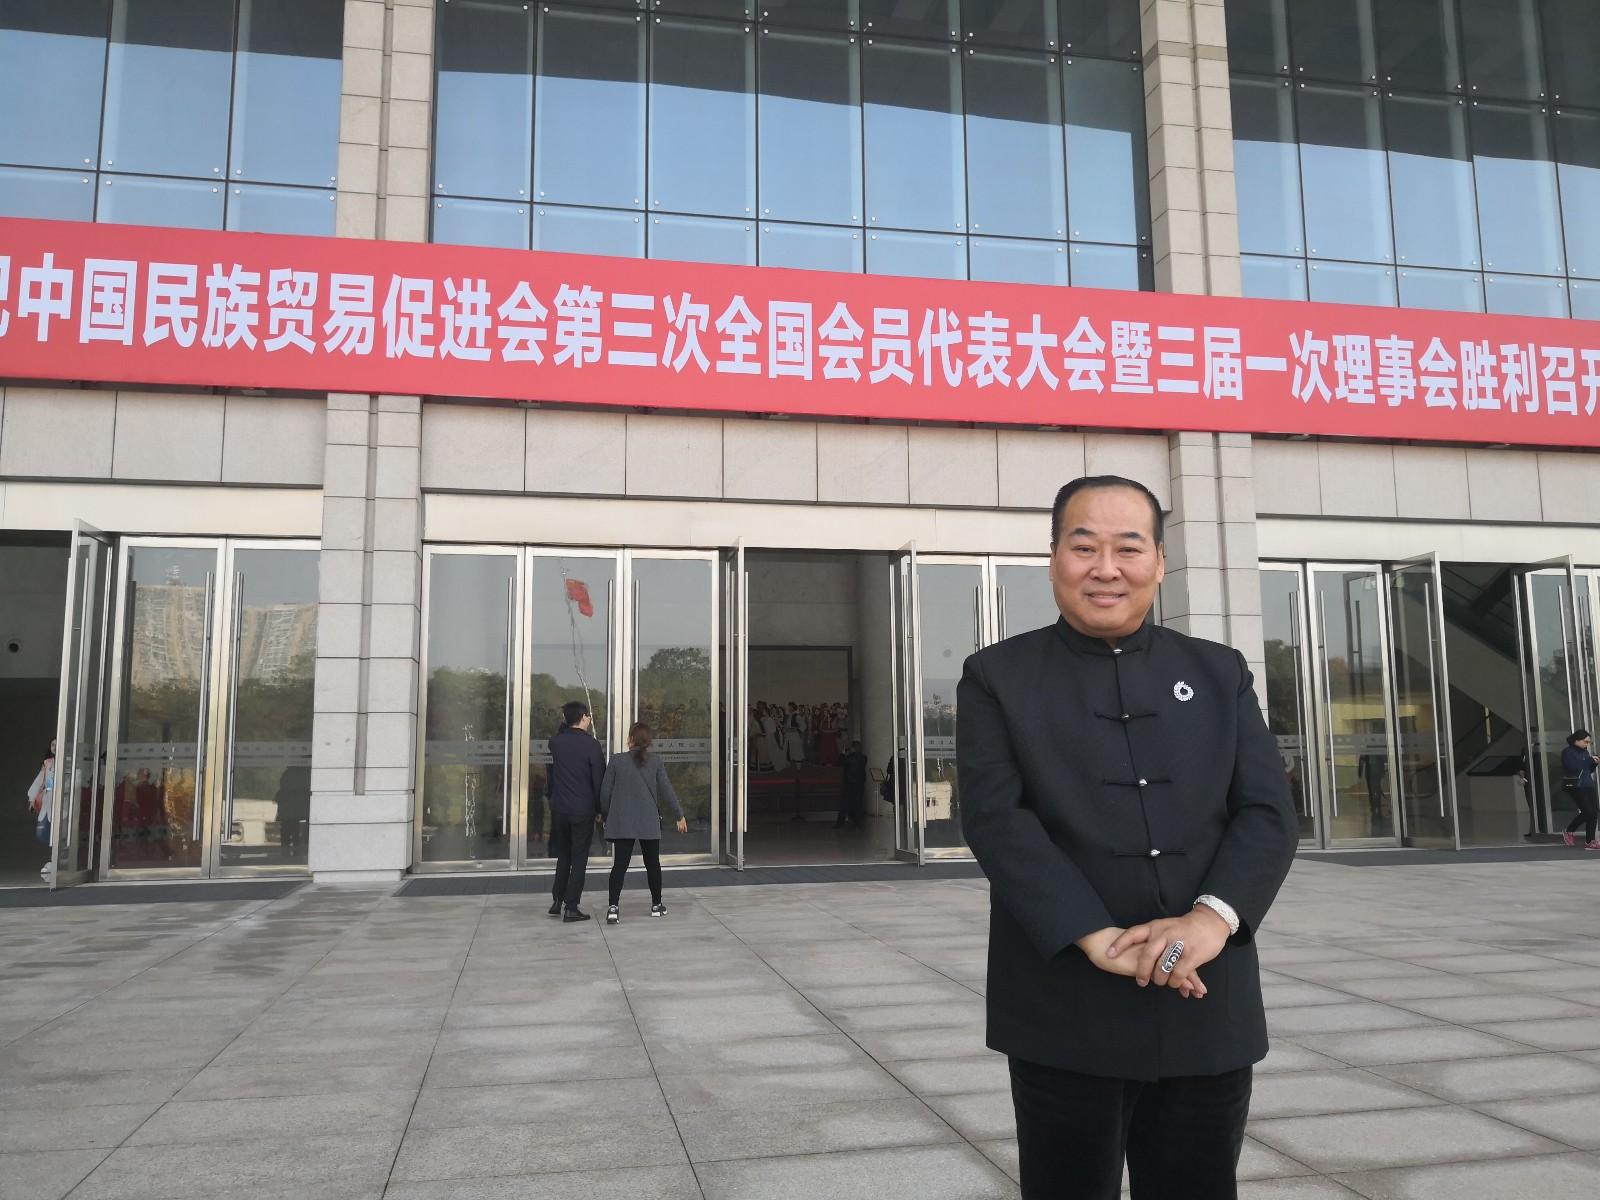 001张凤山秘书长出席中国民族贸易促进会.jpg